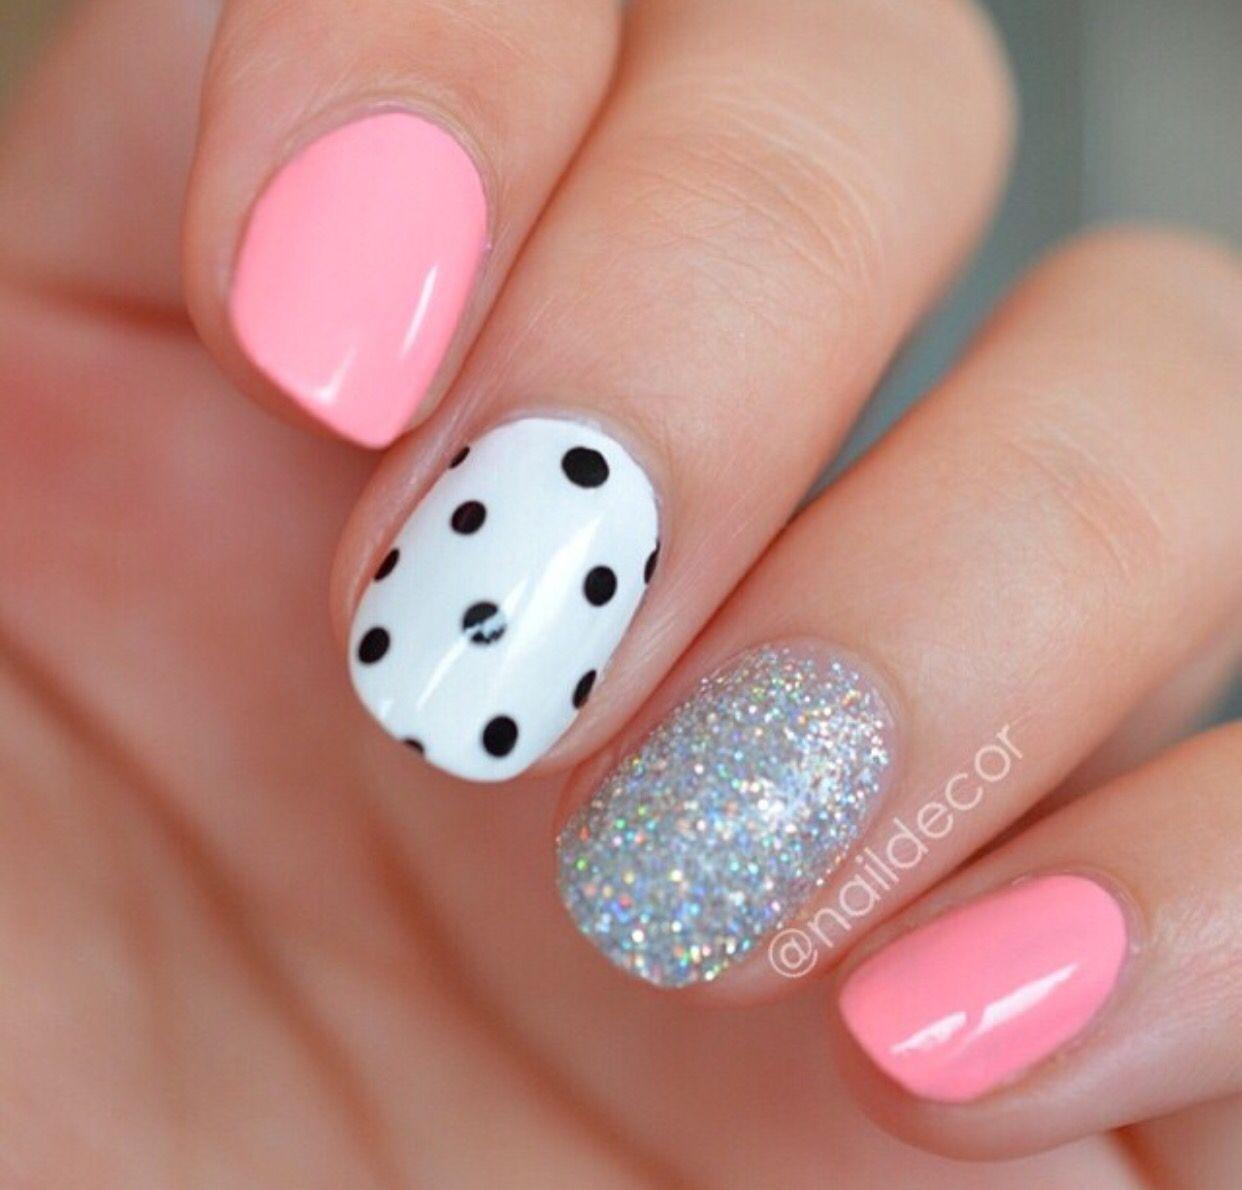 Cute Pink Silver And Polka Dot Nails